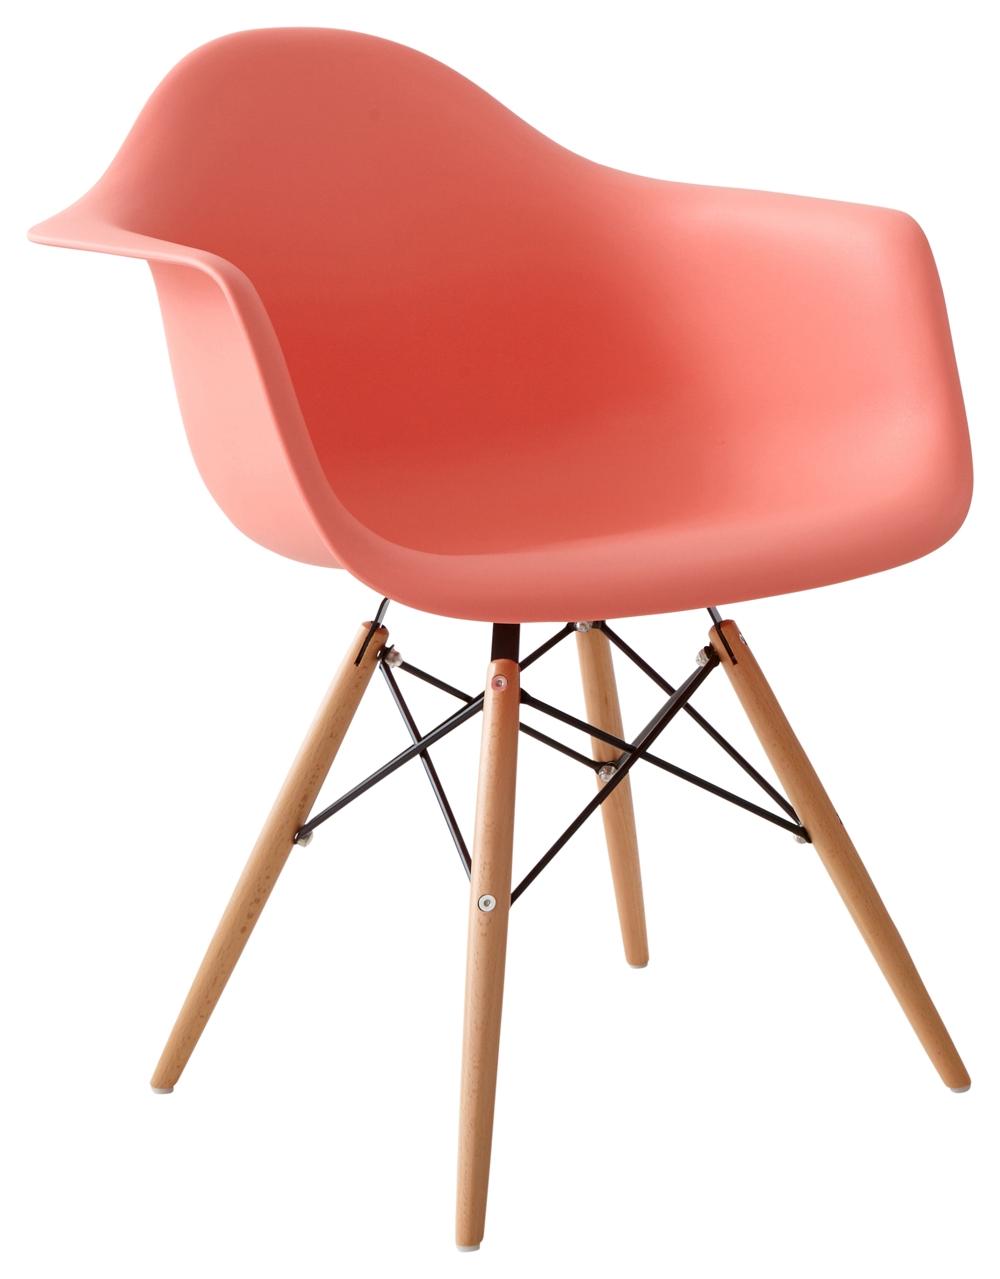 Coral Eames Style Dining Armchair von Danetti. Abbildung: Danetti